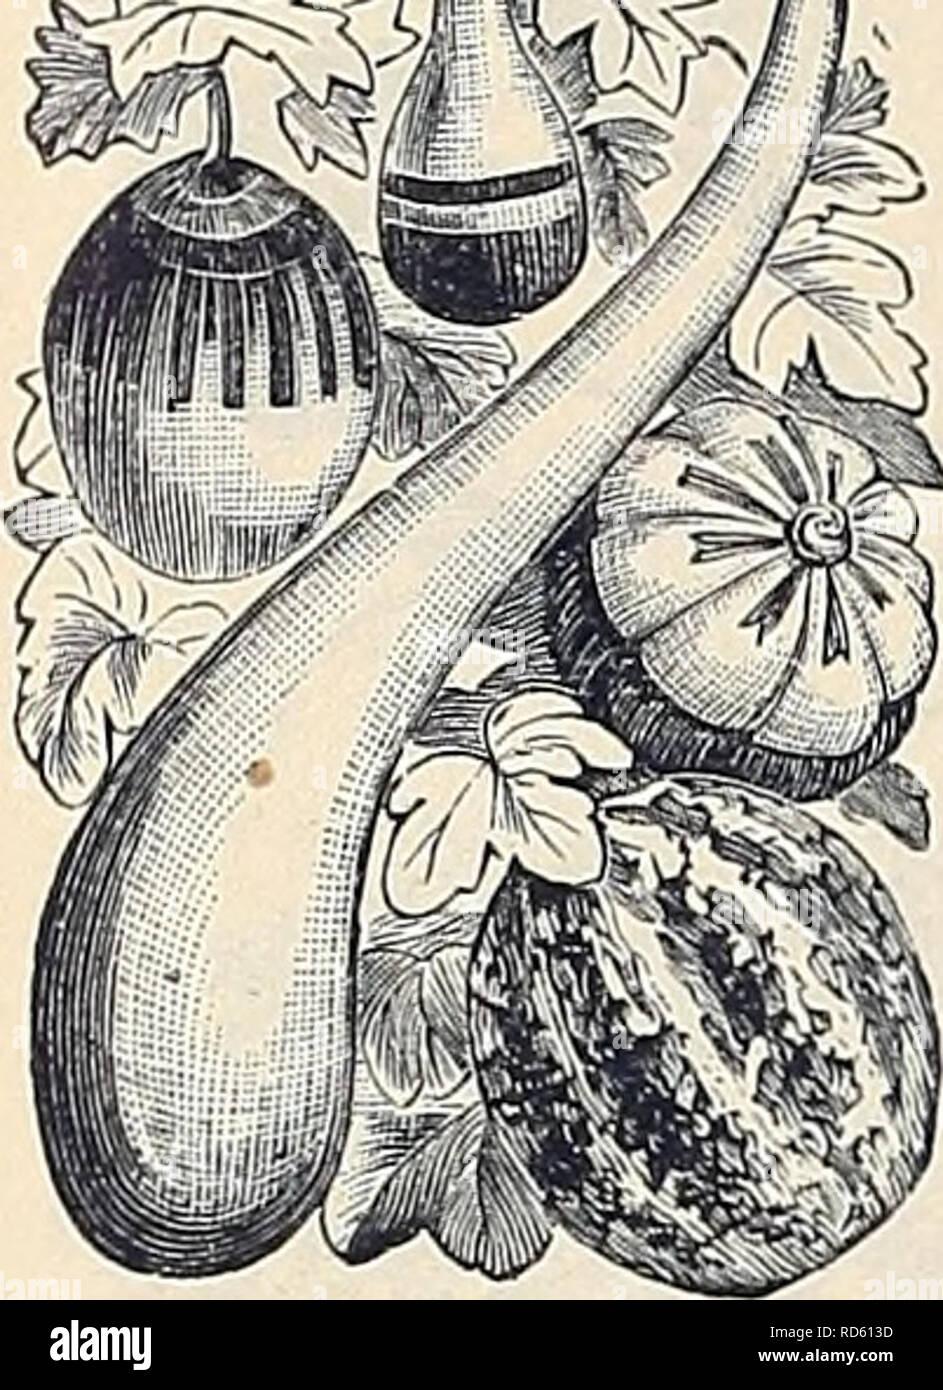 """. Currie Bros.' guide horticole: printemps 1888. Pépinière Wisconsin; Catalogues Catalogues de graines de fleurs, graines (plantes); catalogues de graines de plantes ornementales; catalogues, catalogues, matériel et fournitures de jardinage Catalogues. 52 Qjrrii^^ortieultural j/ Bros Guide.- ^^^f-OURDS sil ou ^^ namental/M. Beau grimpeurs de iiRy yiSj ^^ « growtli- duction rapide, r.s^^' moom '""""^ ^»^ ^particulière'"""" ^ ^bureaux .1!j g^m] diverses formes. [^^^ ^^^^dsi' y offres annuelles. '7^^^^^^^ Bottle-Shaped^^5 '' T'i^^ Bottle-Shaped iatiire, min- 5- l'ancienne â calebasse balancier ancienne gourd ,5 Dipre Banque D'Images"""